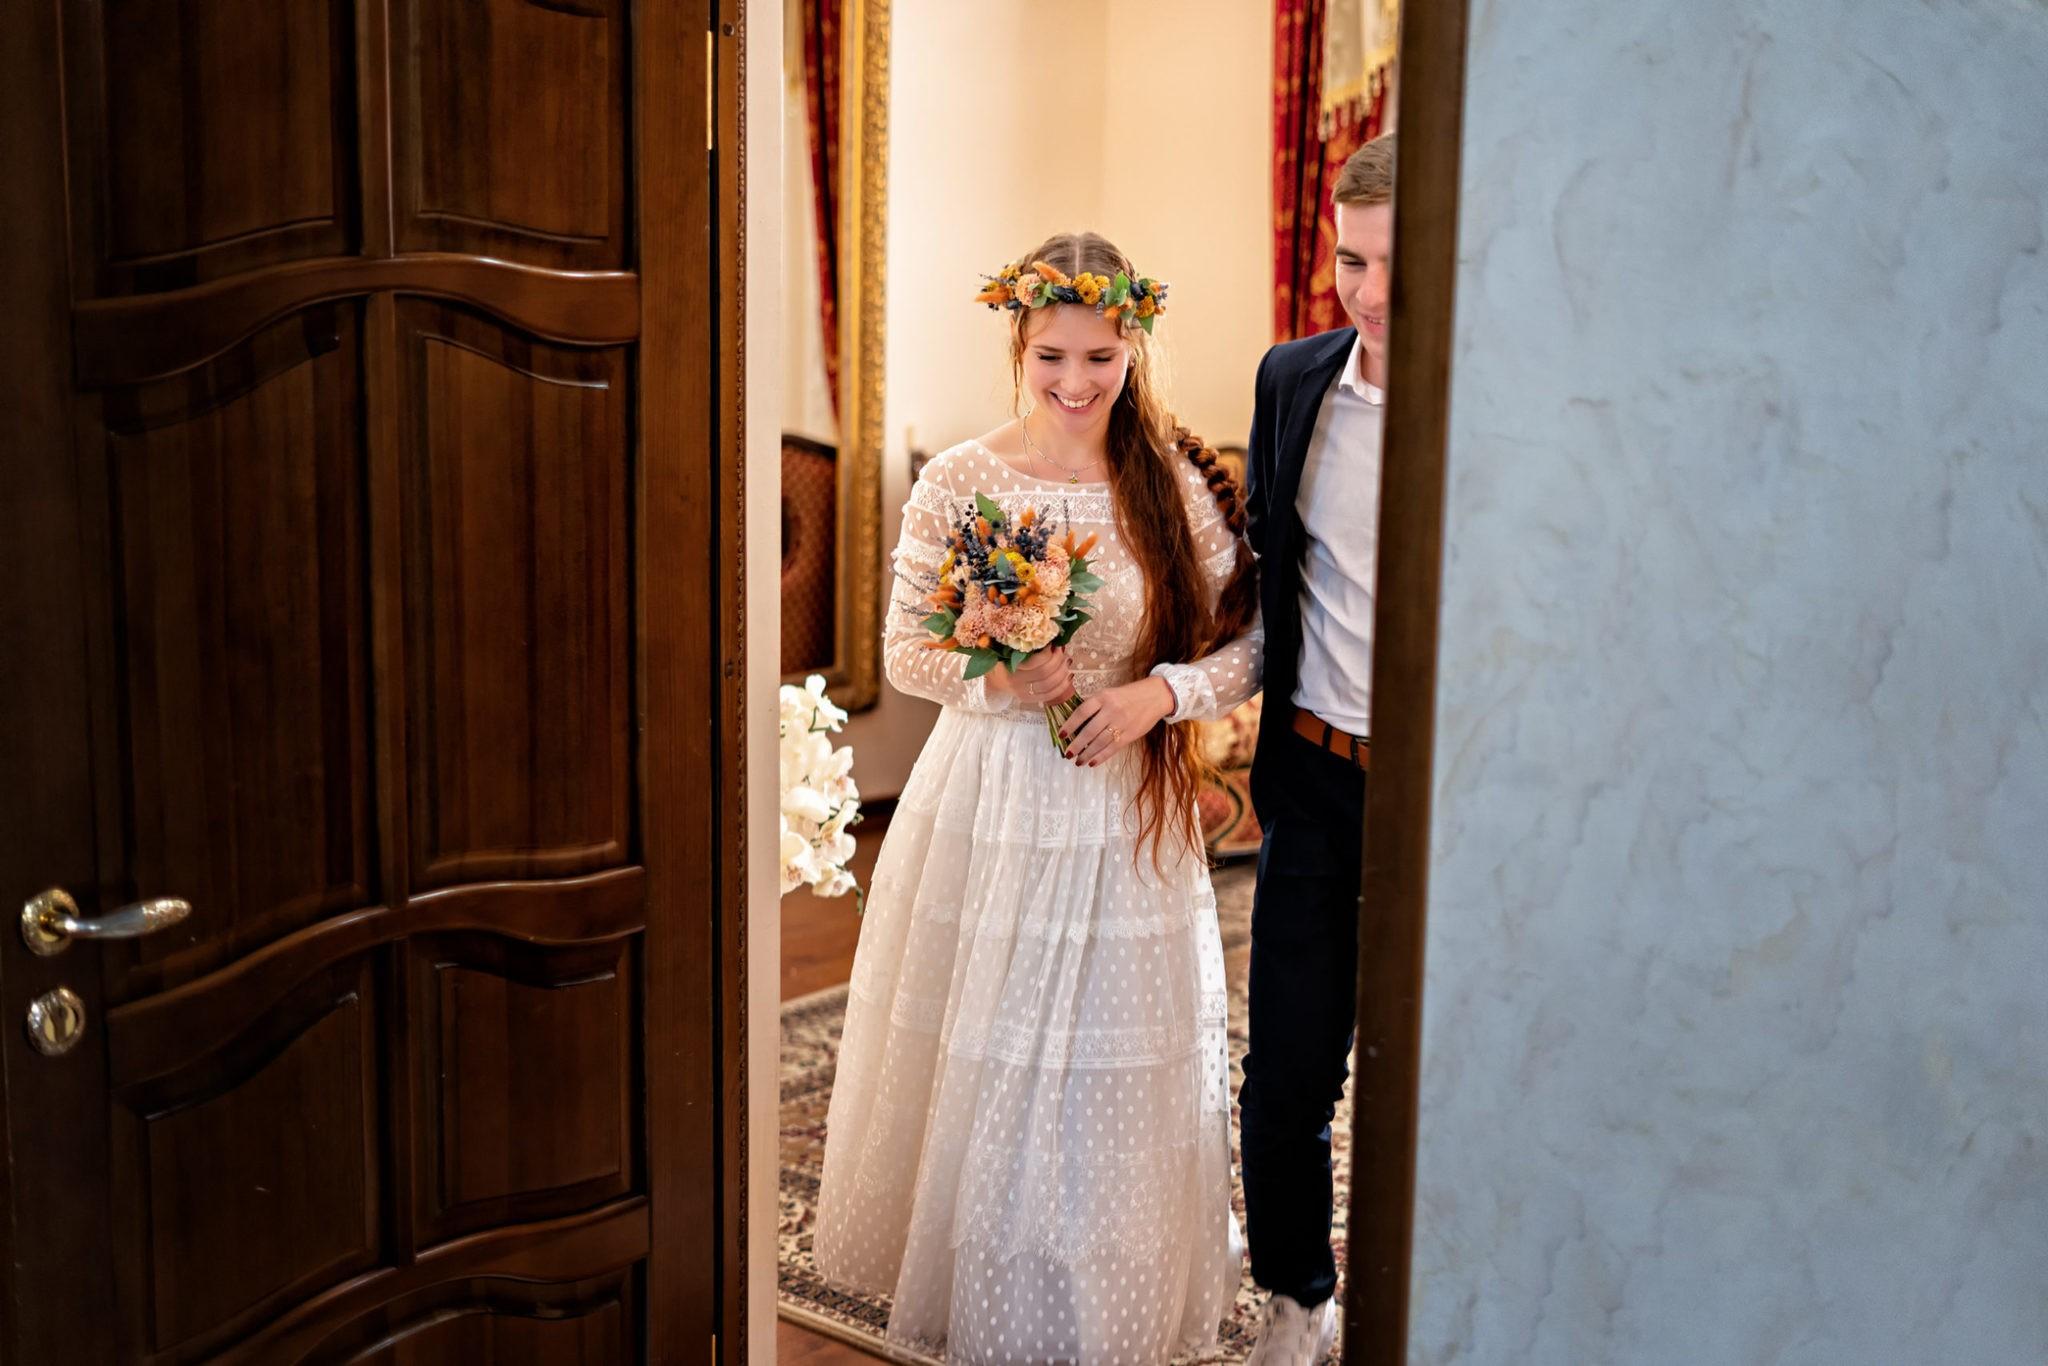 Счастливые молодожены в ЗАГСе ЗАГСе Екатерининский зал. Свадебная фотосъемка от Краснодарского свадебного фотографа в ЗАГСе Екатерининский зал, выход из комнаты жениха и невесты. Краснодарский свадебный фотограф предлагает художественную свадебную фото и видеосъемку в Краснодаре и Краснодарском крае.